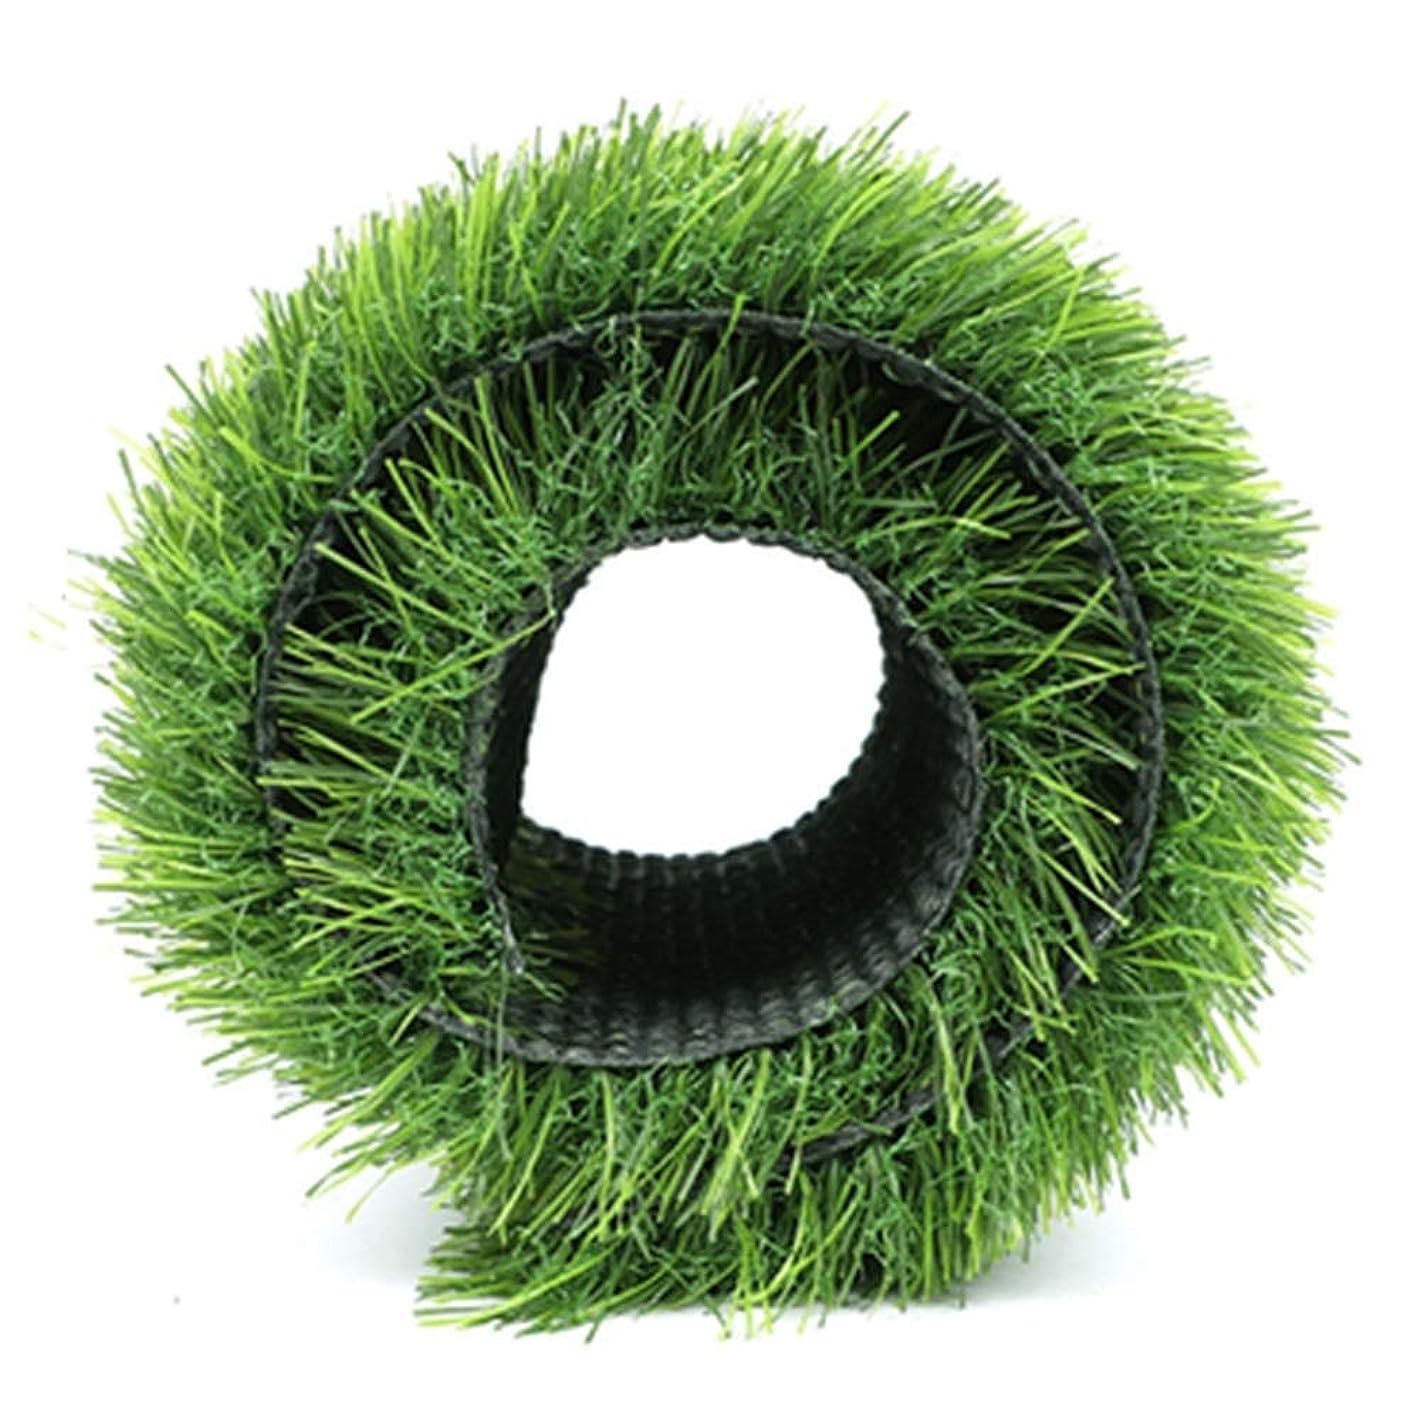 仲人完了ルーフXIAODONG 20mmの人工芝 模擬プラスチック芝カーペット、 防湿、 壁の装飾/地面の敷設で使用される/バルコニー 簡単なクリーニング (幅:2m) (Size : 2*1m)